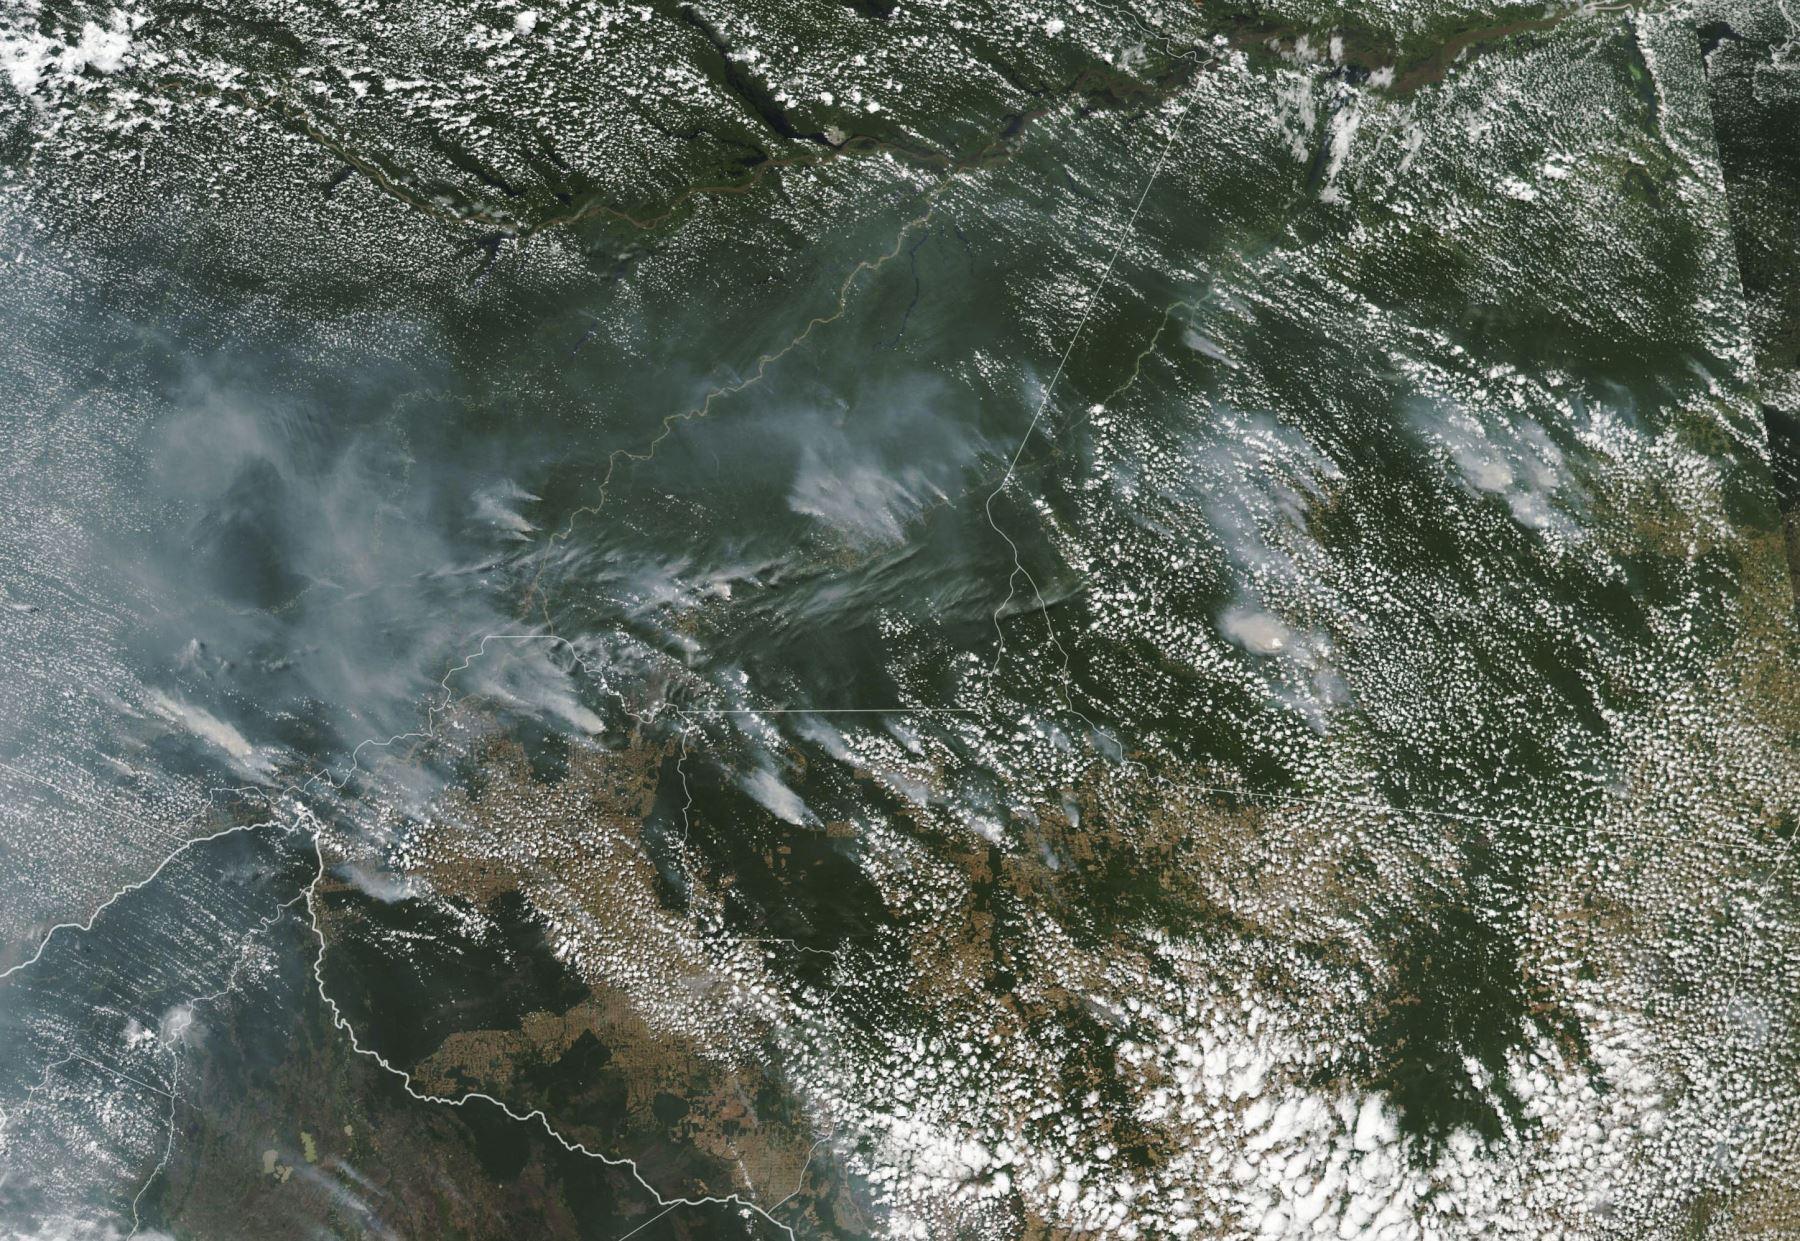 Esta imagen del Observatorio de la Tierra de la NASA obtenida el 21 de agosto de 2019, capturada por el Espectrorradiómetro de Imágenes de Resolución Moderada (MODIS) en el satélite Aqua de la NASA, muestra varios incendios en los estados brasileños de Amazonas (arriba CL), Para (arriba R), Mato Grosso ( abajo R) y Rondonia (abajo C) el 11 de agosto de 2019, mientras que Bolivia aparece en la parte inferior izquierda de la imagen.Foto:AFP